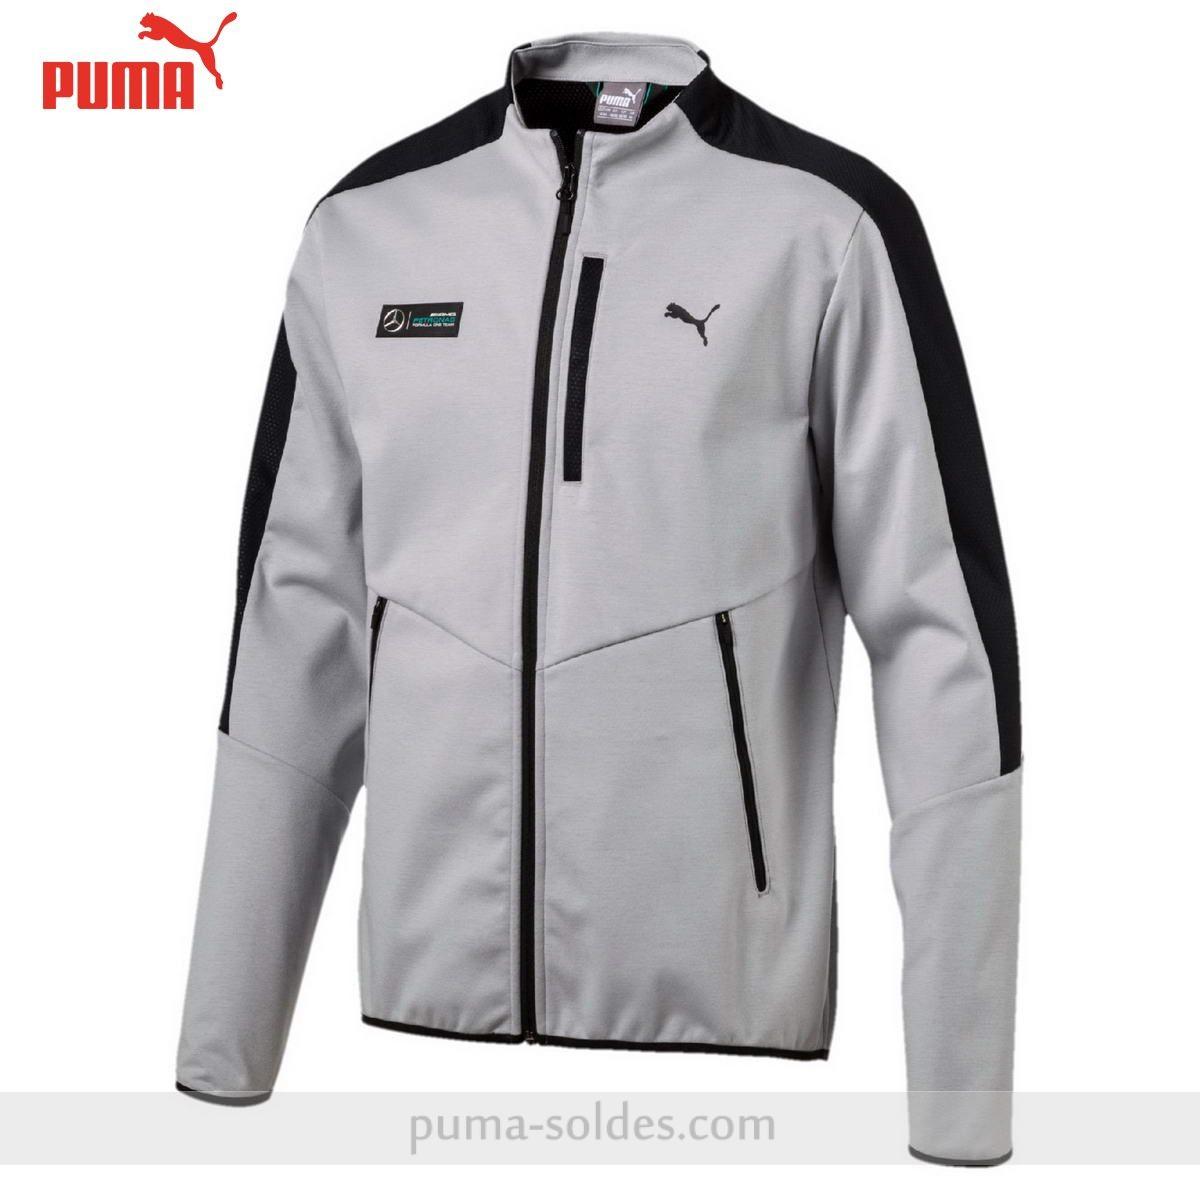 Découvrez tous les styles de survetement puma pas cher pour homme pour  hommes, femmes et enfants dans une gamme de tailles et de styles. e370347d6e6